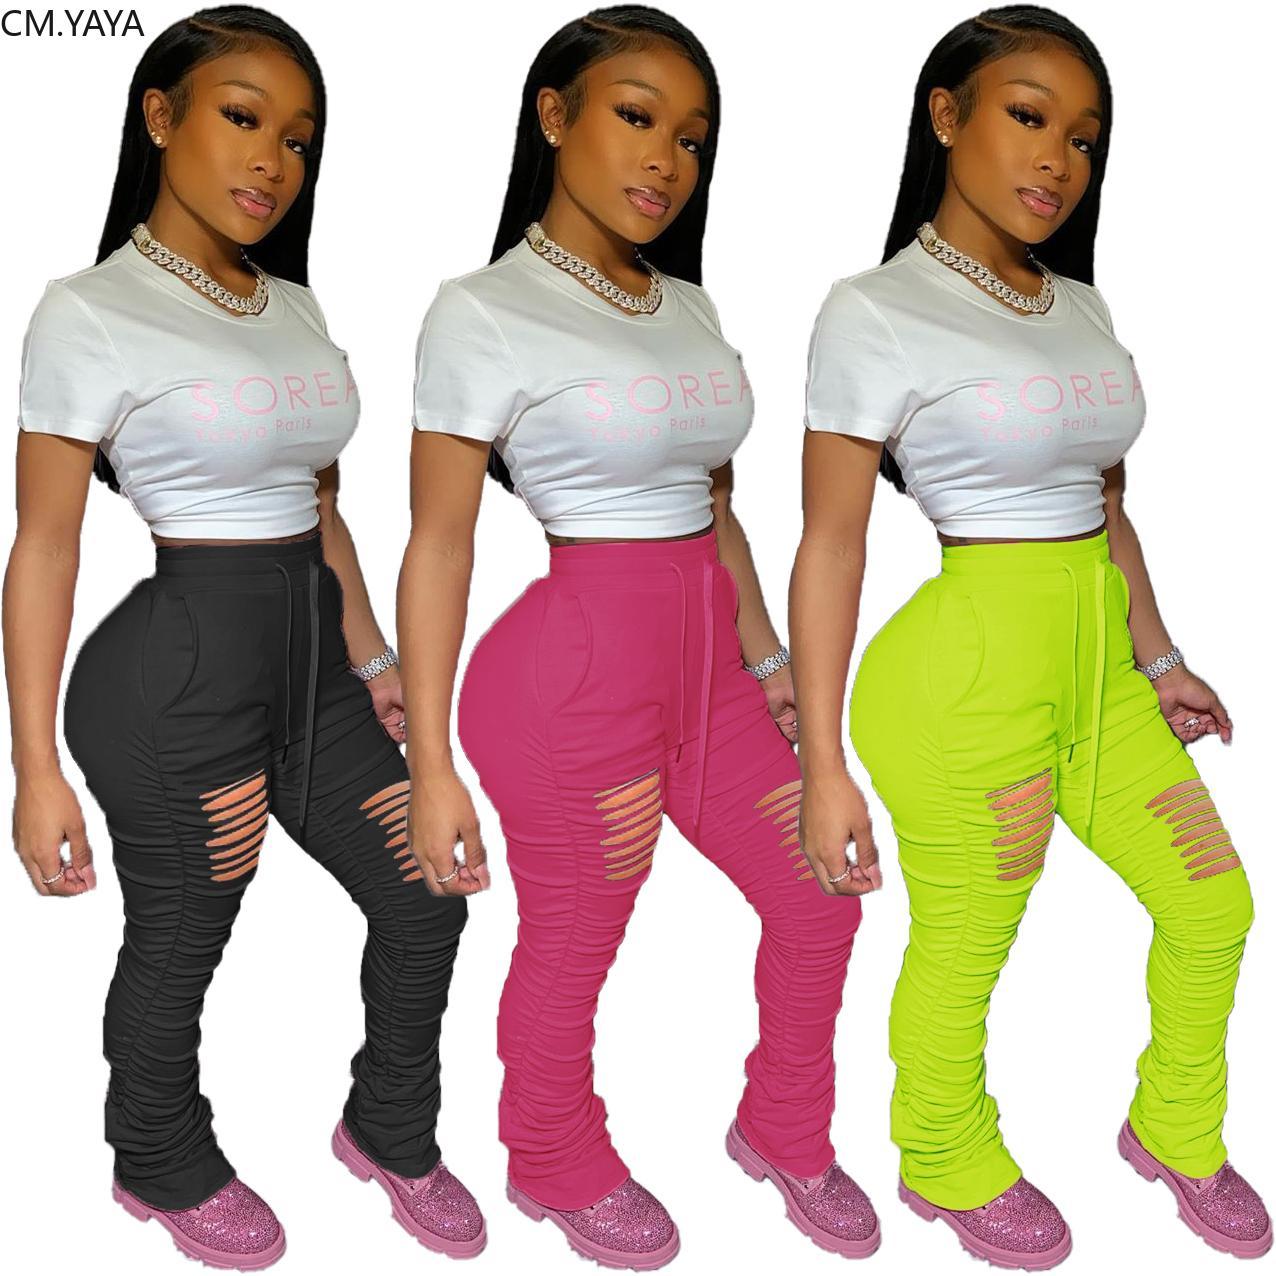 Femmes Hole Hollow Out Elastic Pantalon empilé Leggings Taille haute Taille Flare Bell Botter Split Pantalon Drapé Ruché Jogger Pantalon de survêtement